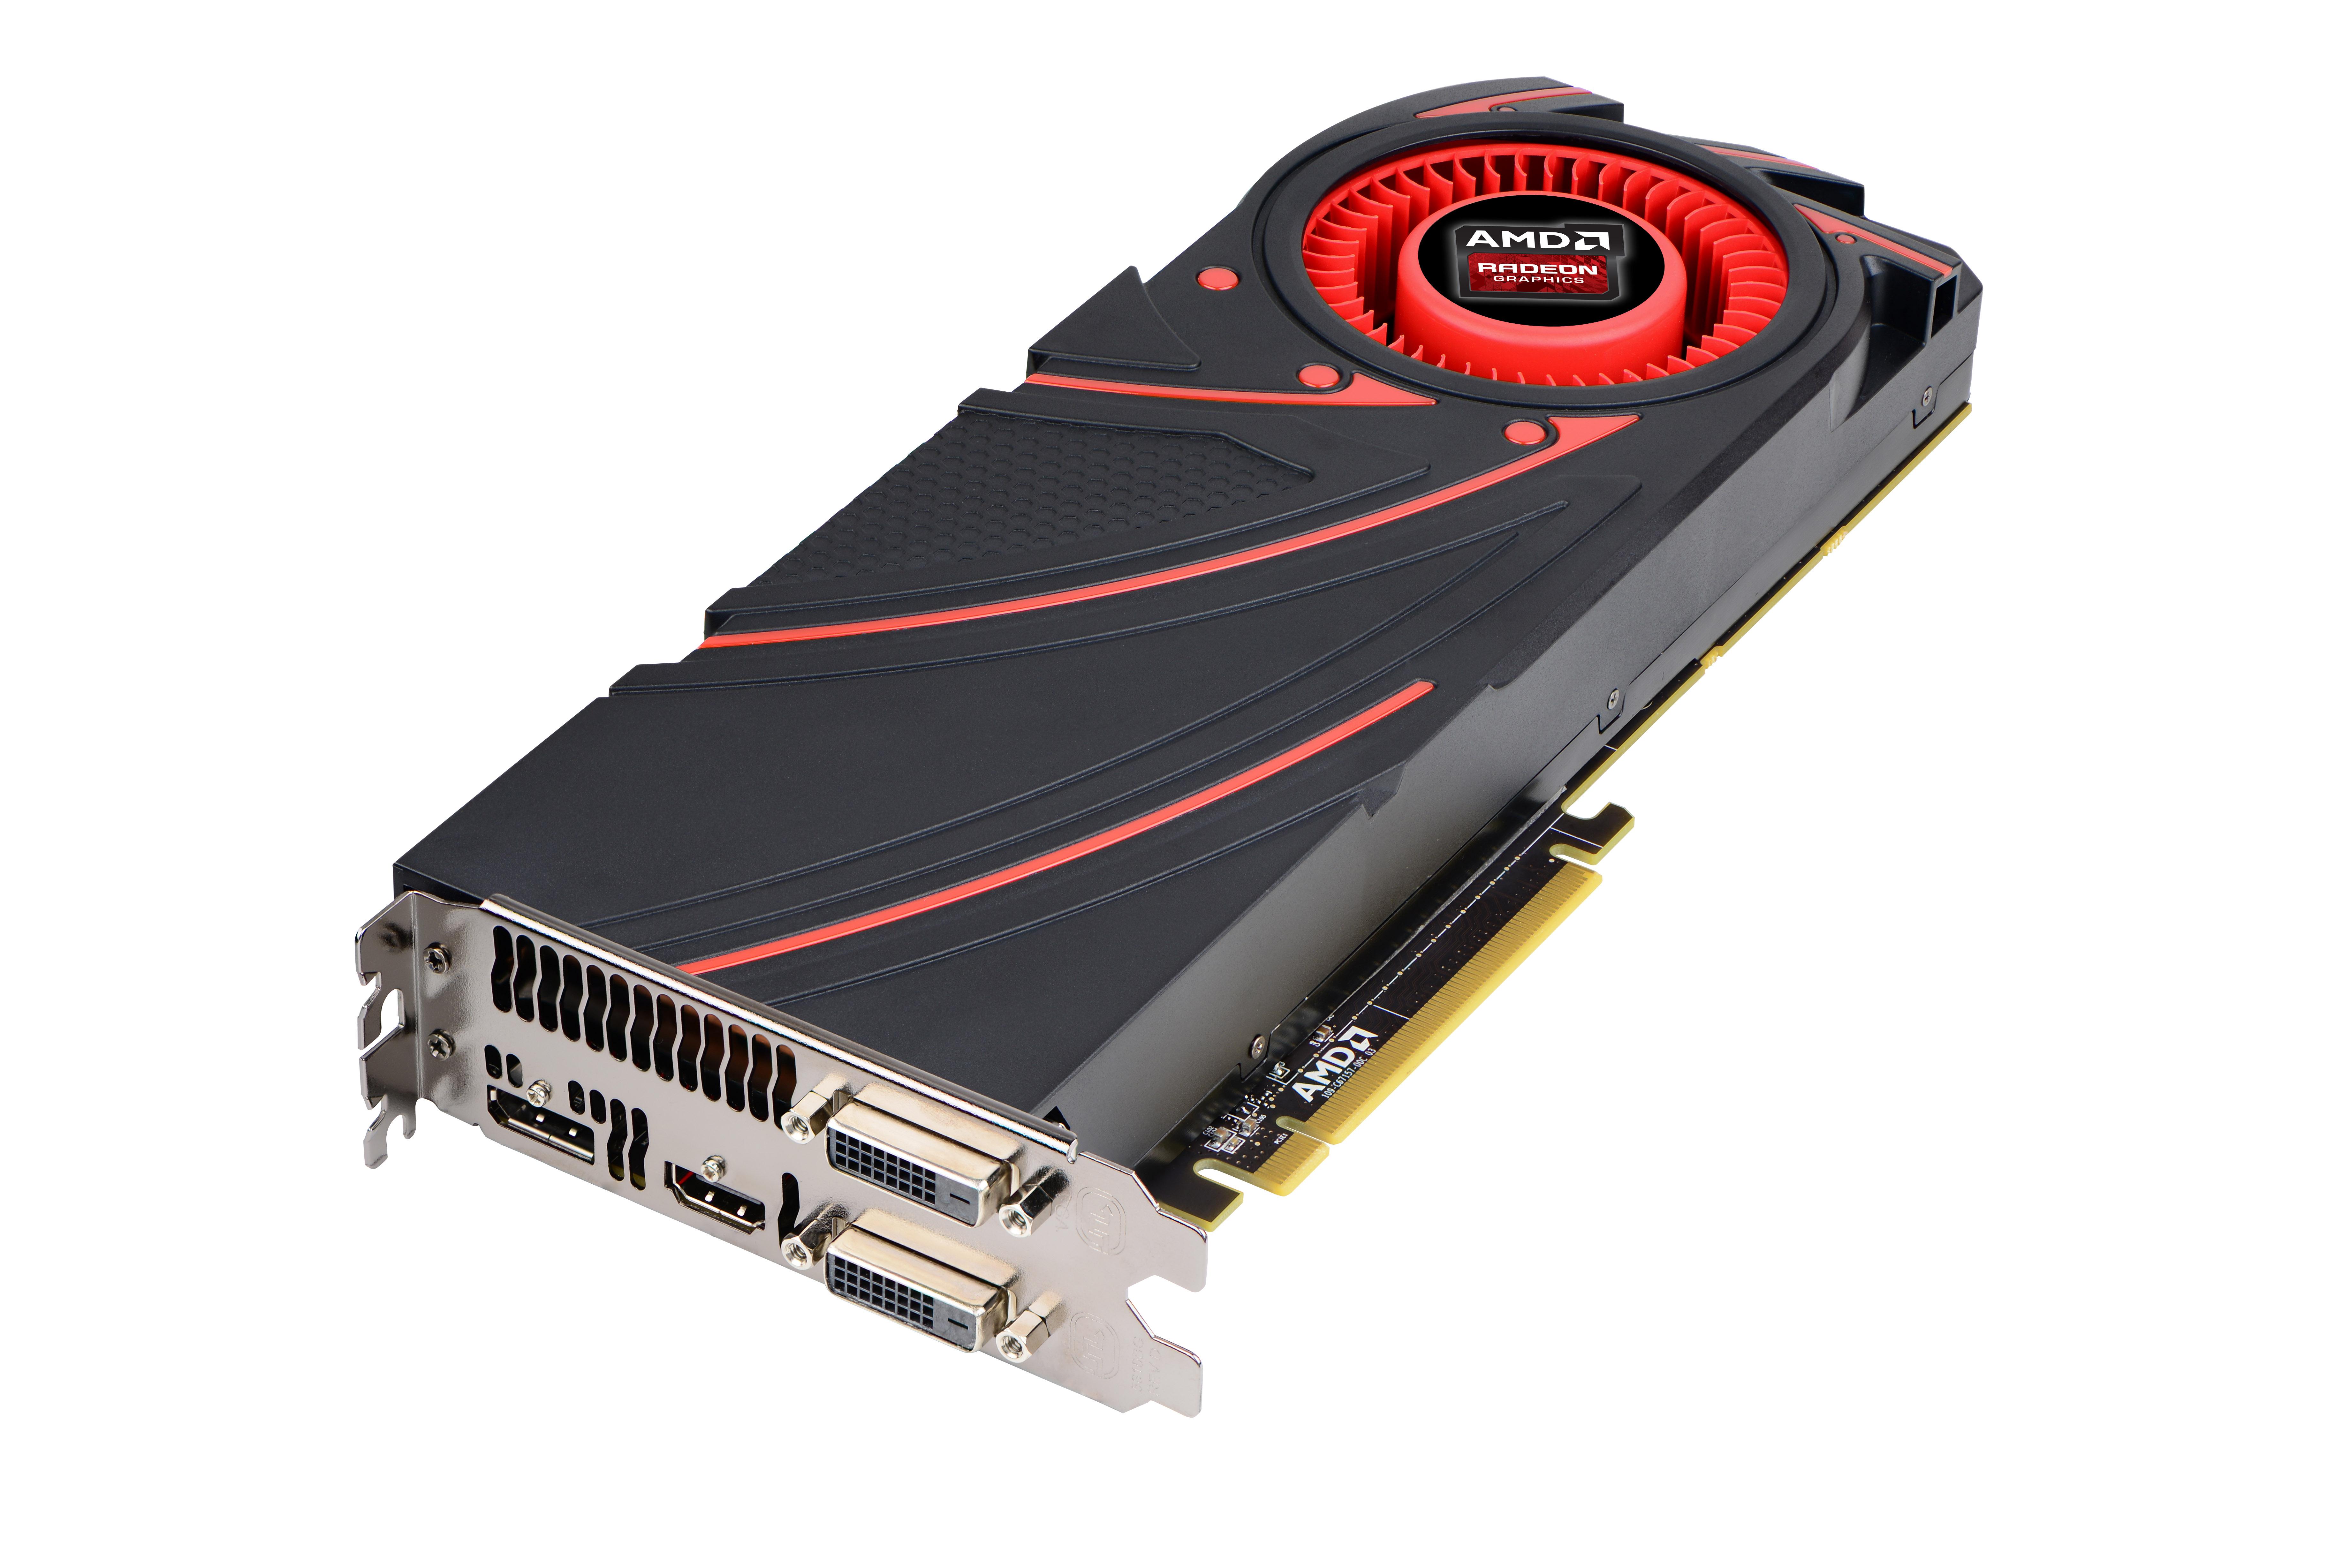 AMD Radeon R9 290X - Test - AMD Radeon R9 290X